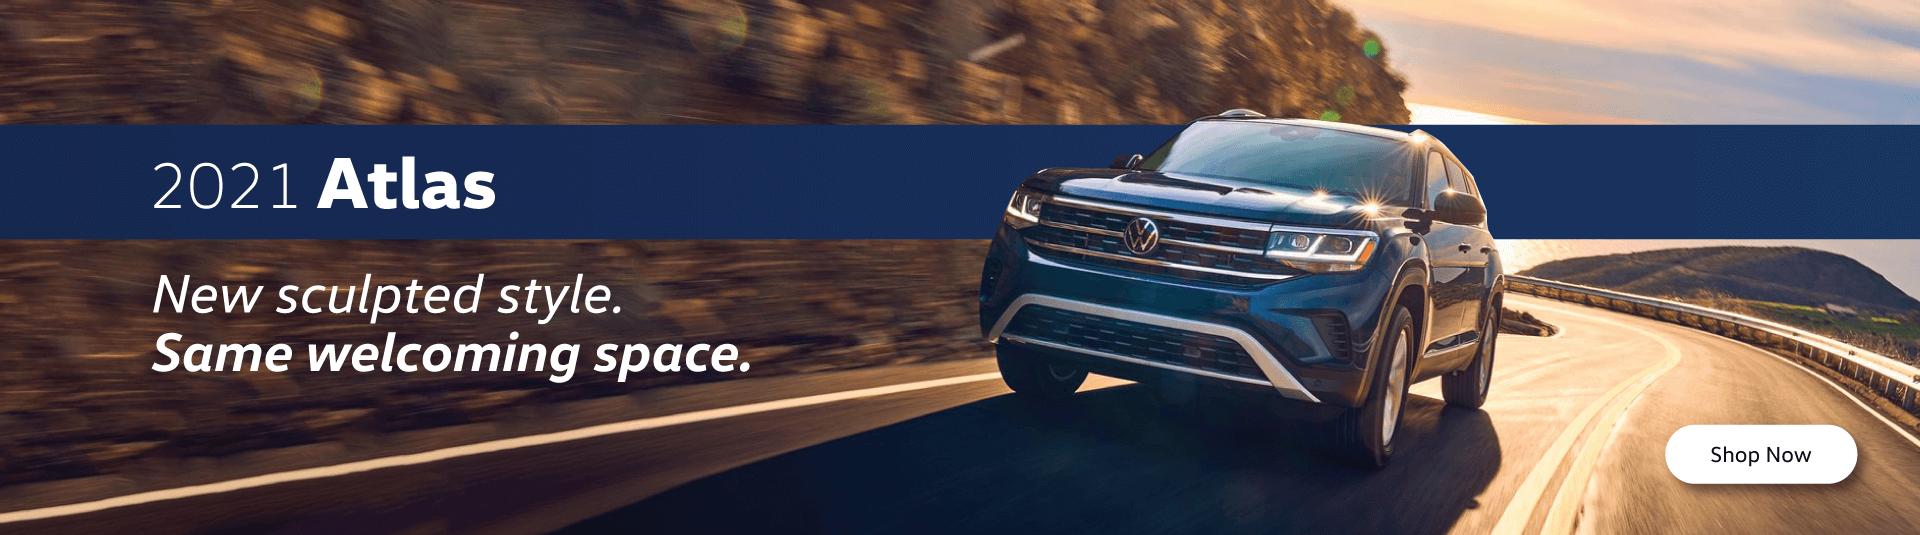 2021 Atlas - Humberview Volkswagen